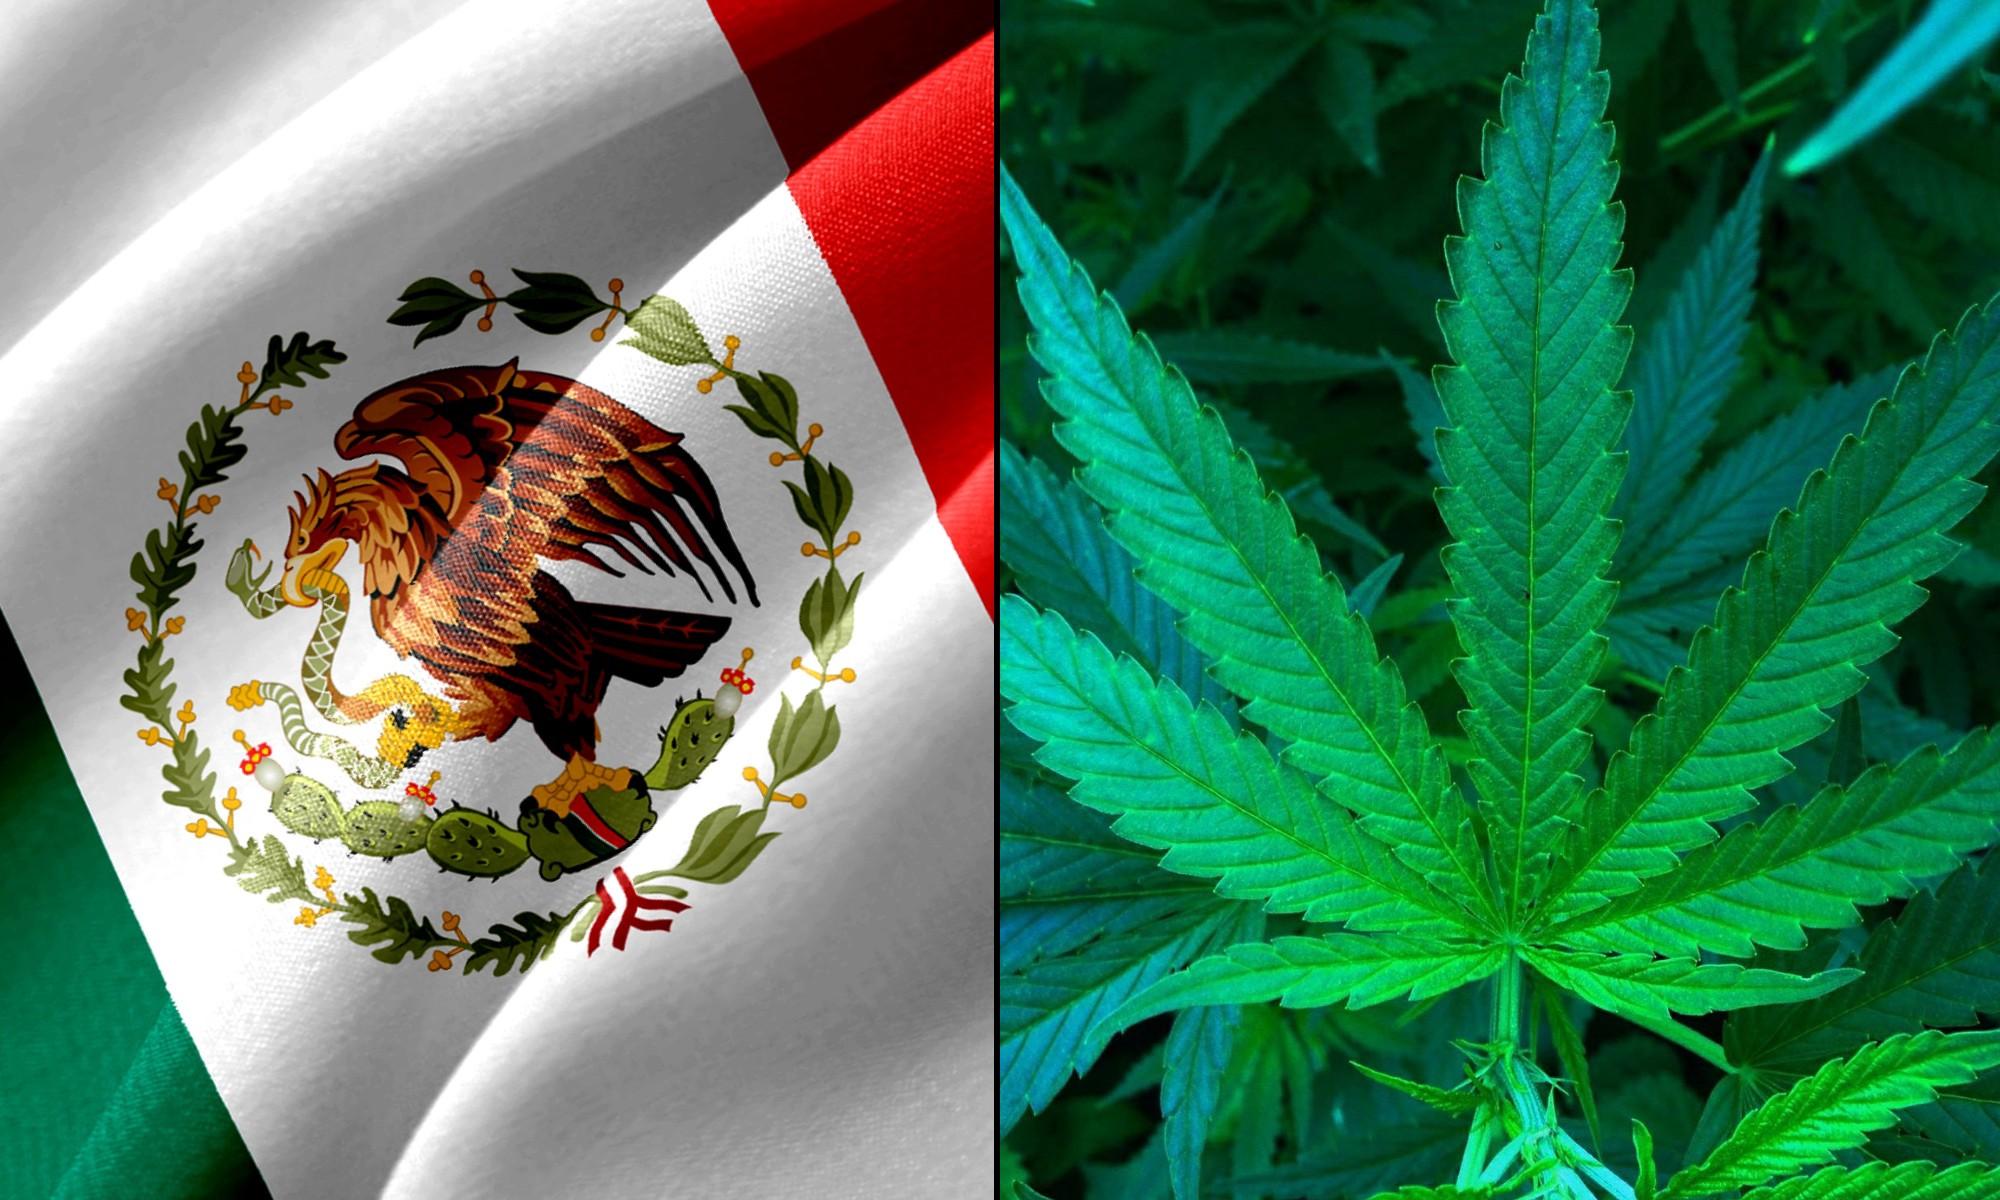 México Cannábico. El escenario está listo: la… | by Miguel Angel Tello  Vargas | Nov, 2020 | Medium